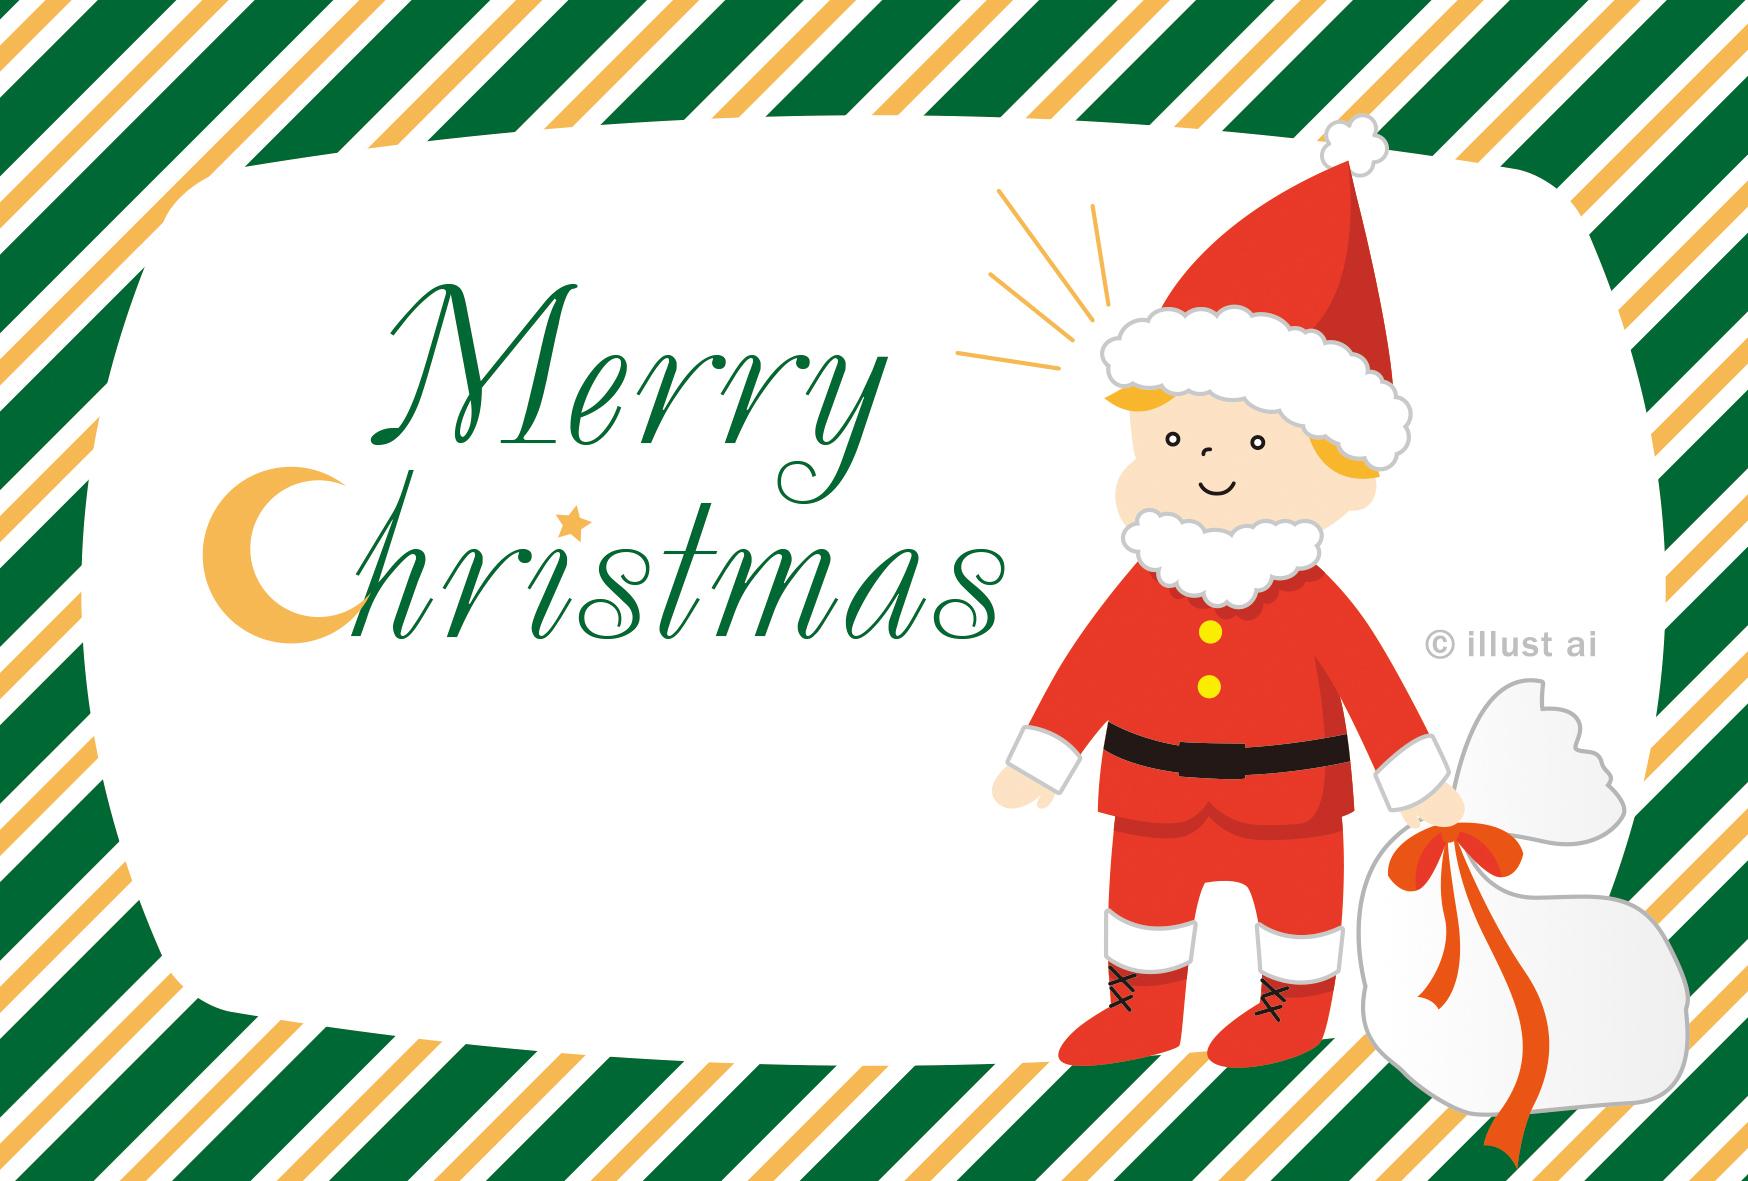 キッズサンタと月と星 クリスマスカードテンプレート ポストカード イラスト素材サイト イラストareira Postcard Template